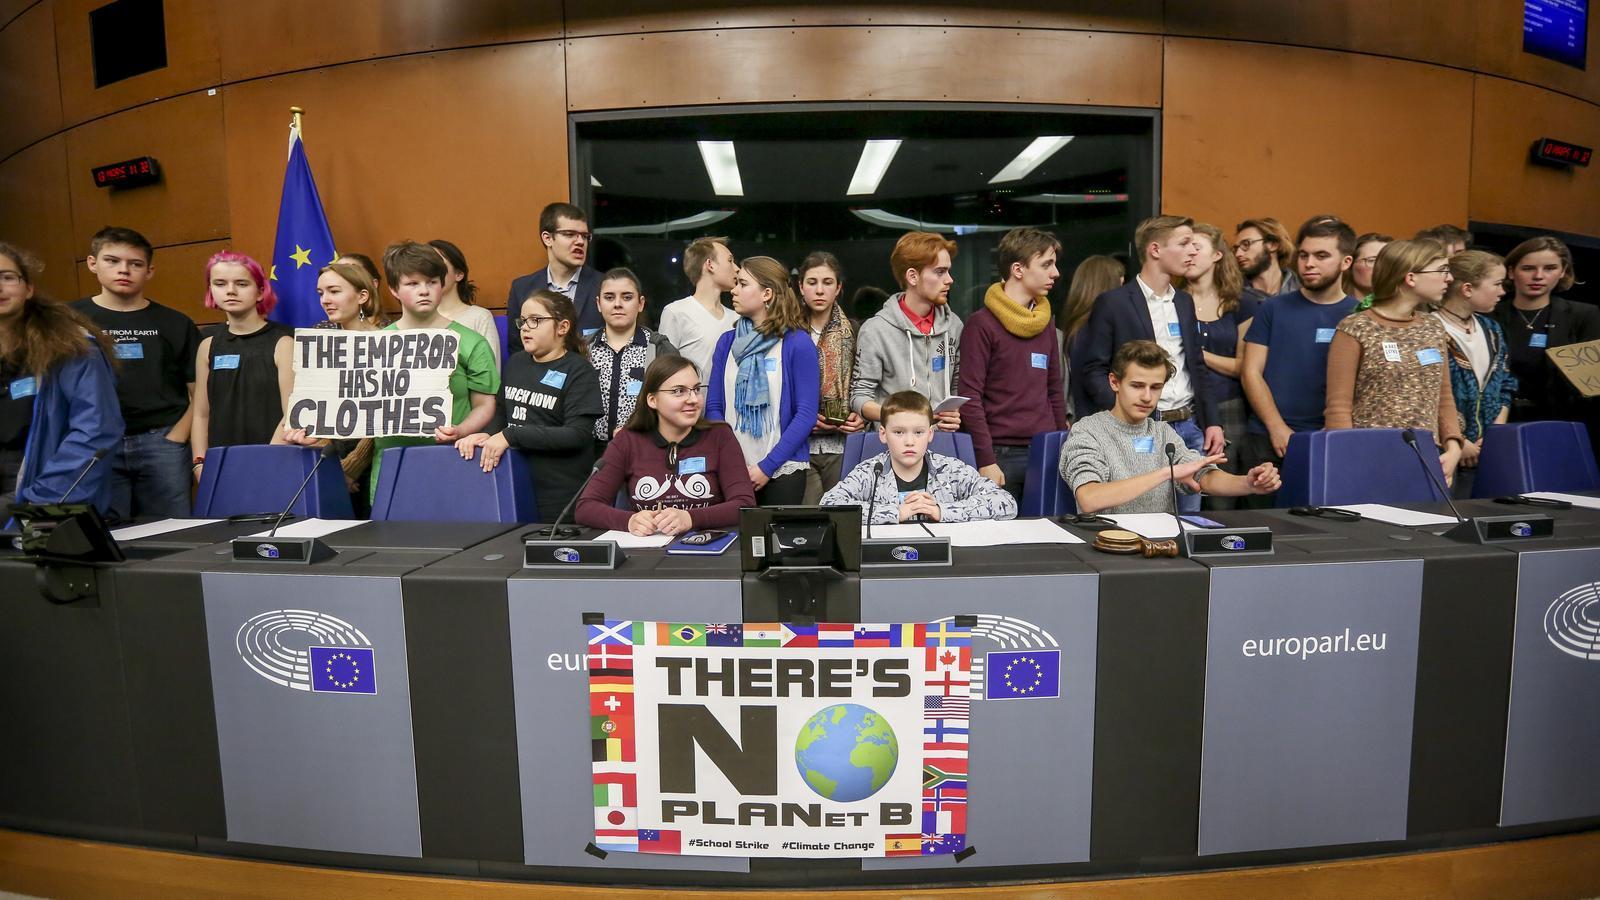 Membres de joves pel clima en una roda de premsa al parlament europeu